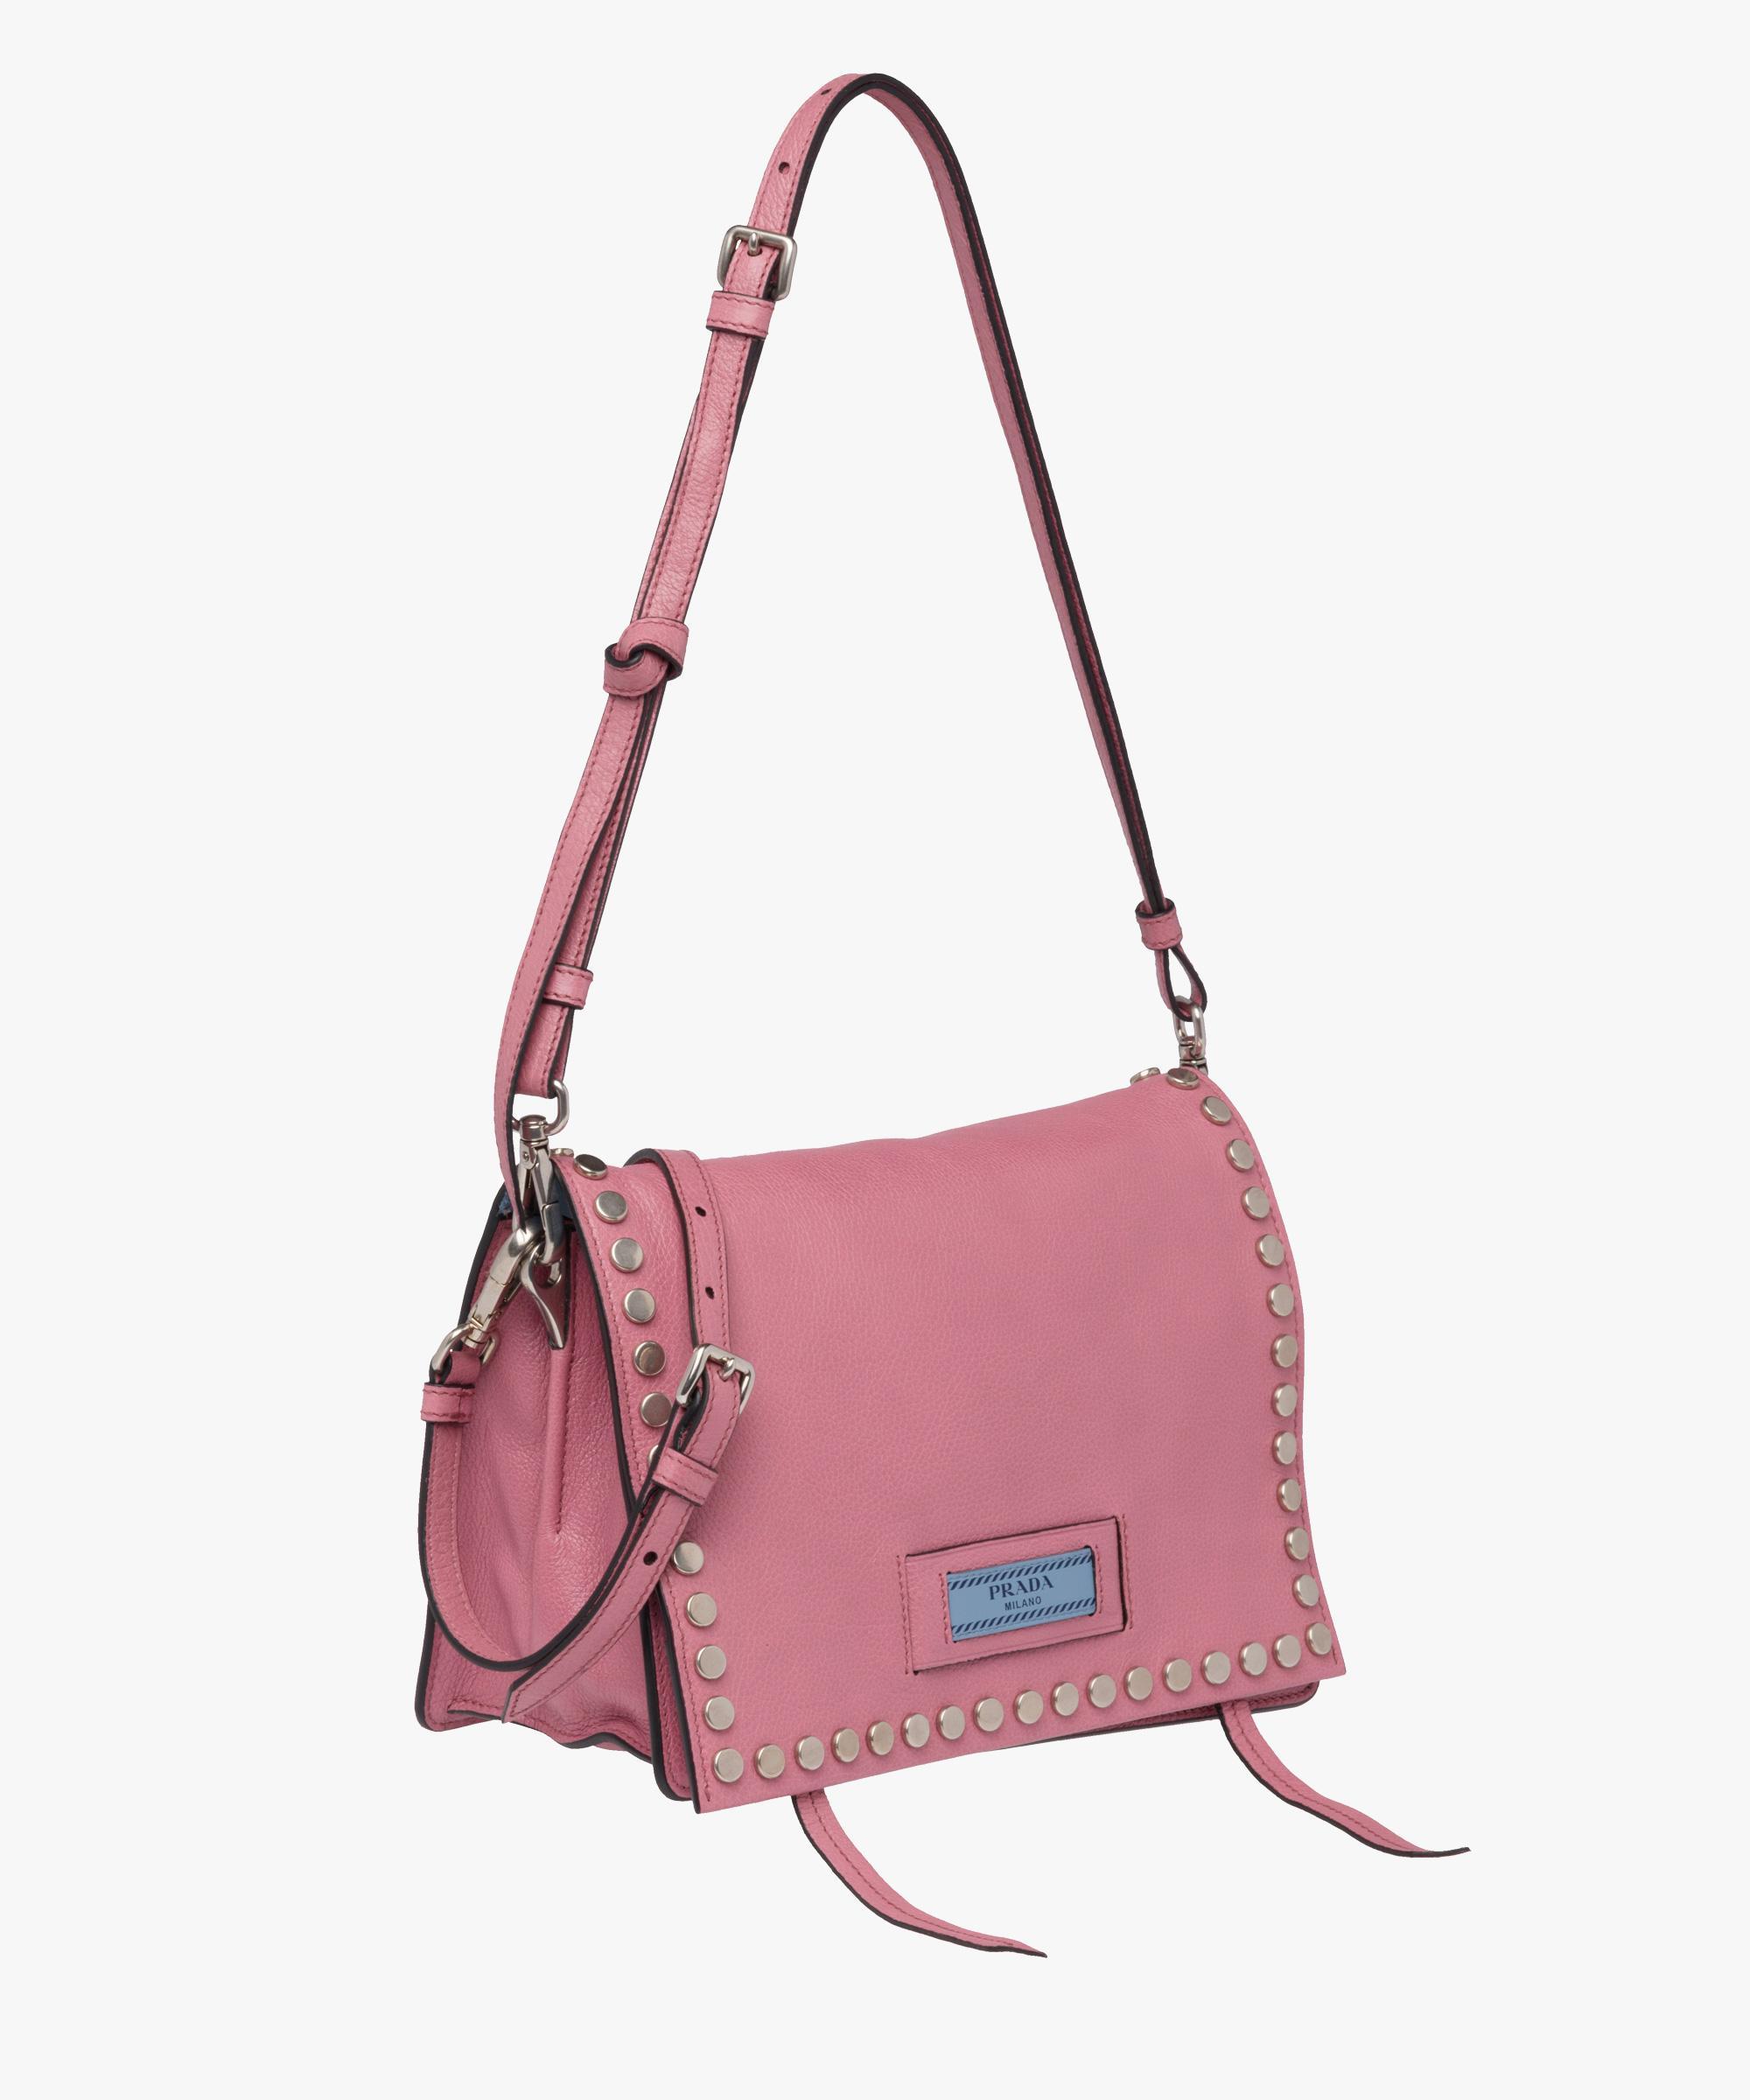 9aa7b3a393 ... czech lyst prada etiquette bag in pink fd5de a83a9